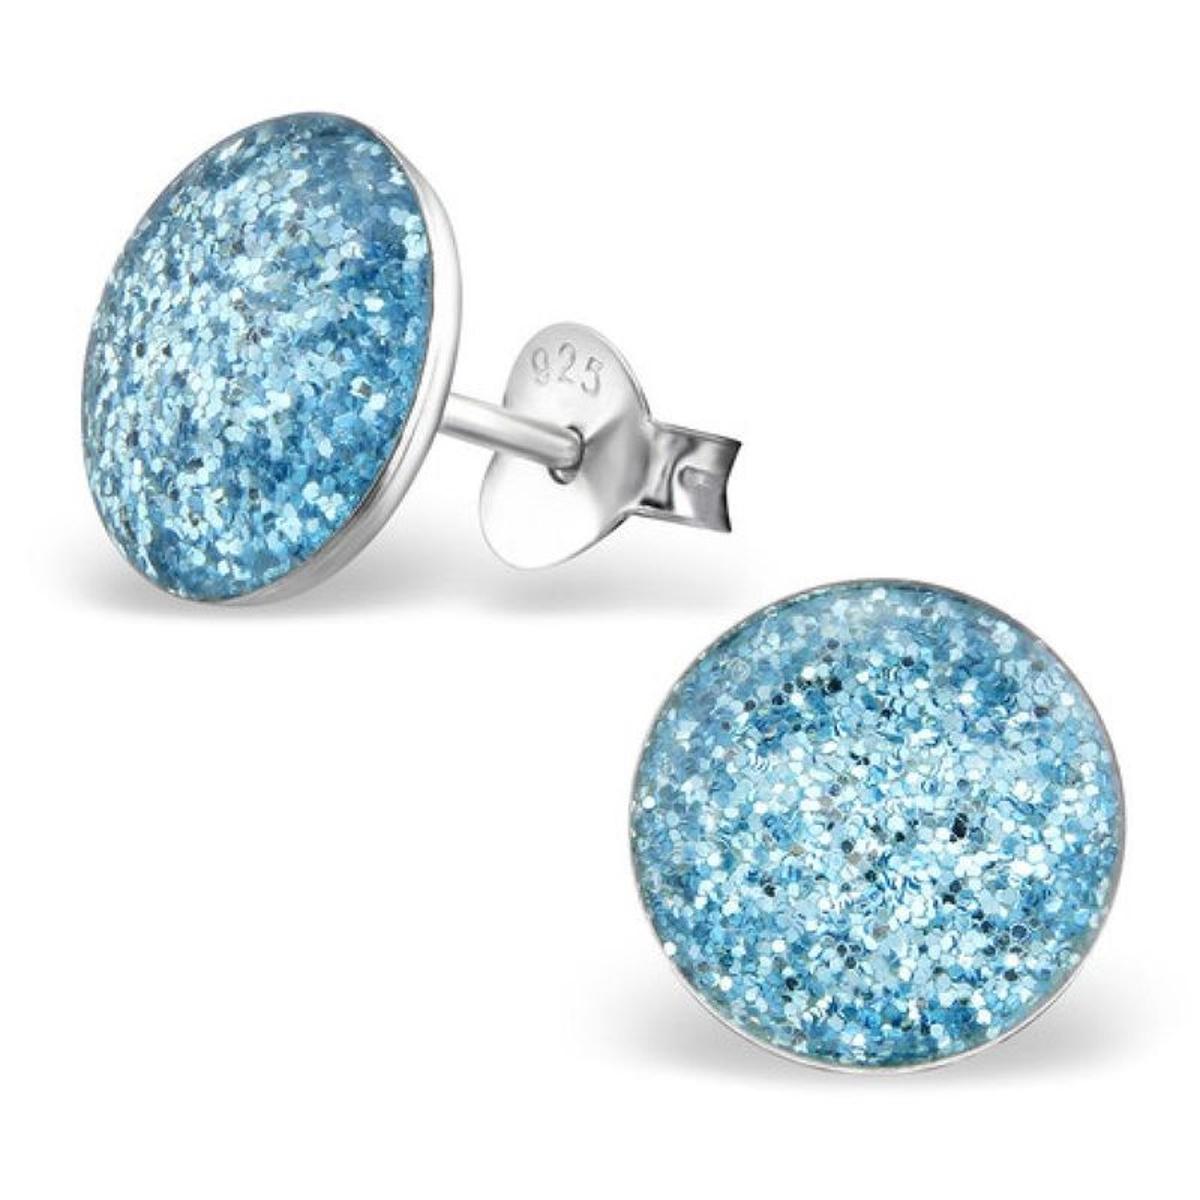 Boucles d'oreilles Rond 9 mm Paillette Bleu Argent 925